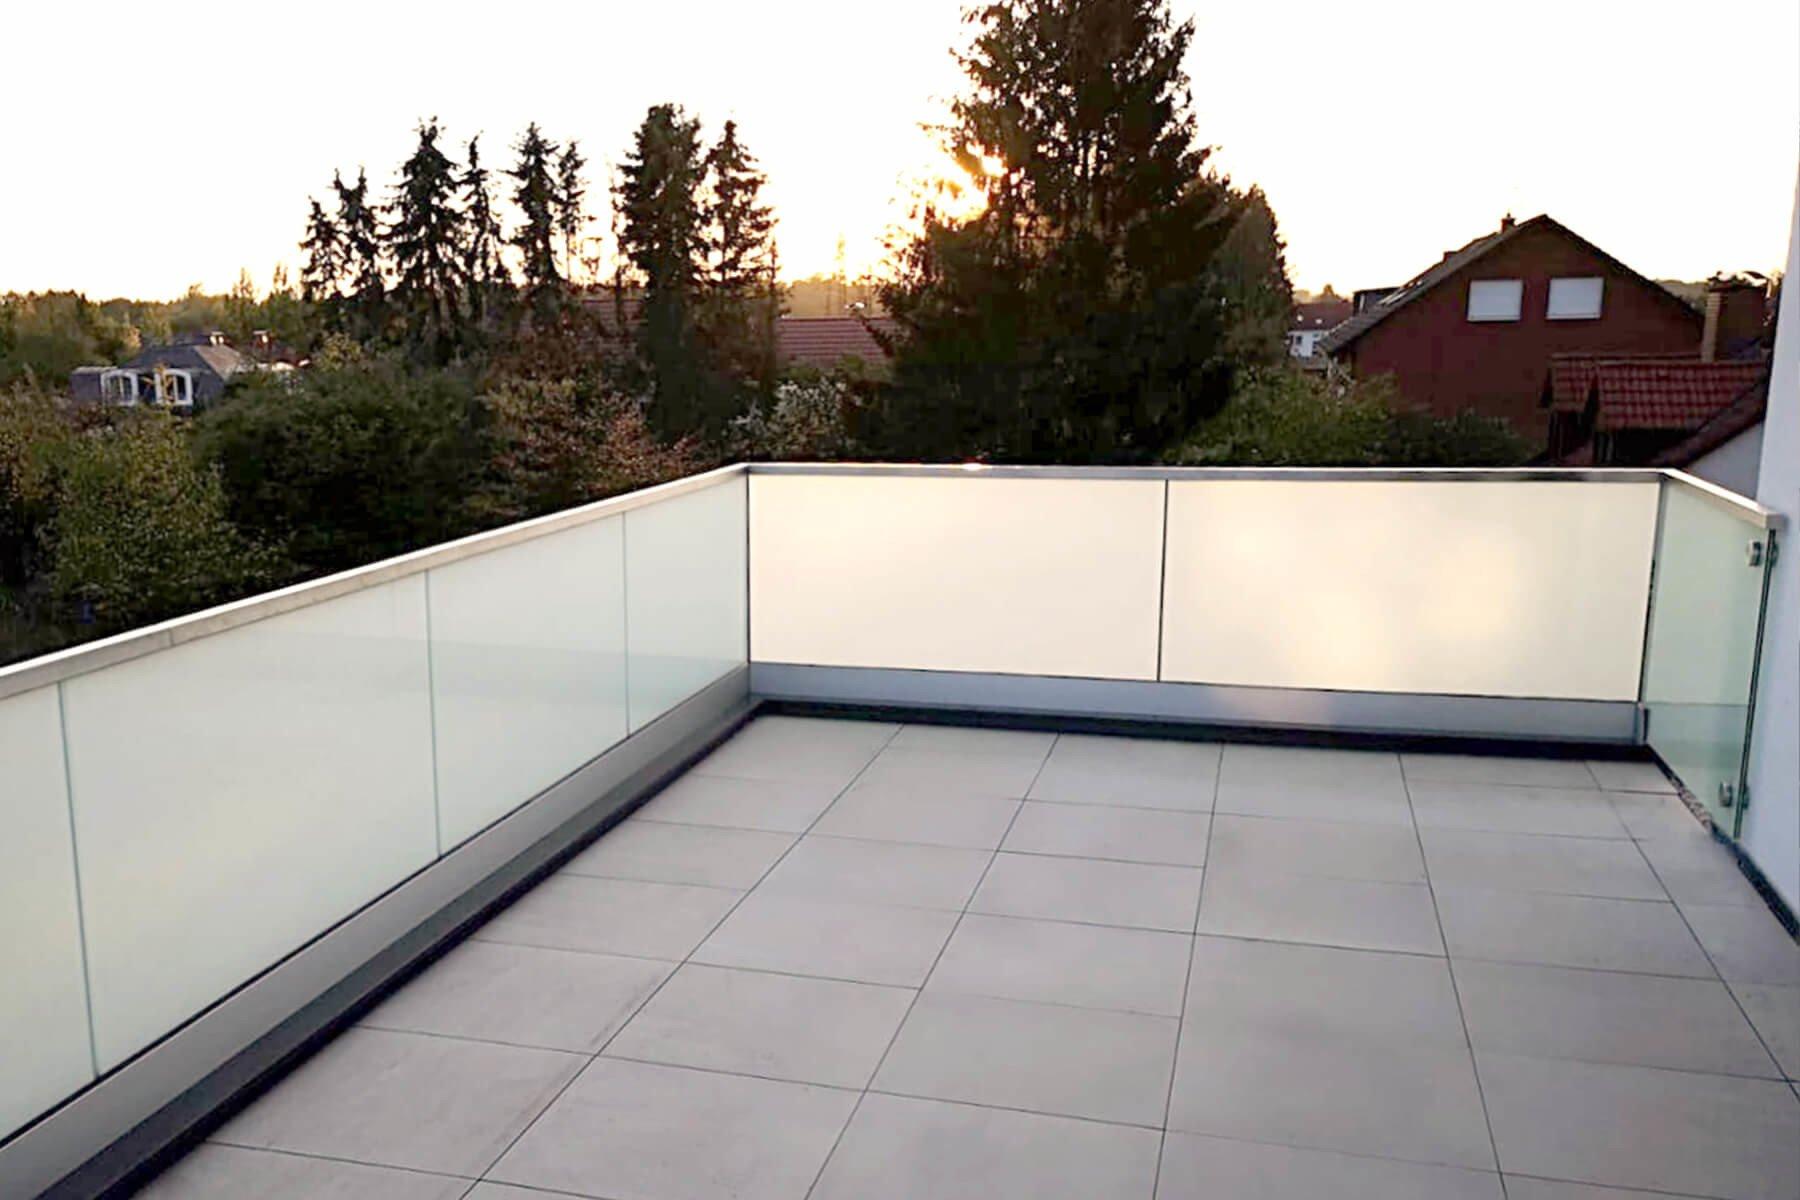 Geländer aus Glas FORMAL für Dachterrasse und Balkon individuell nach Maß für jede Einbausituation